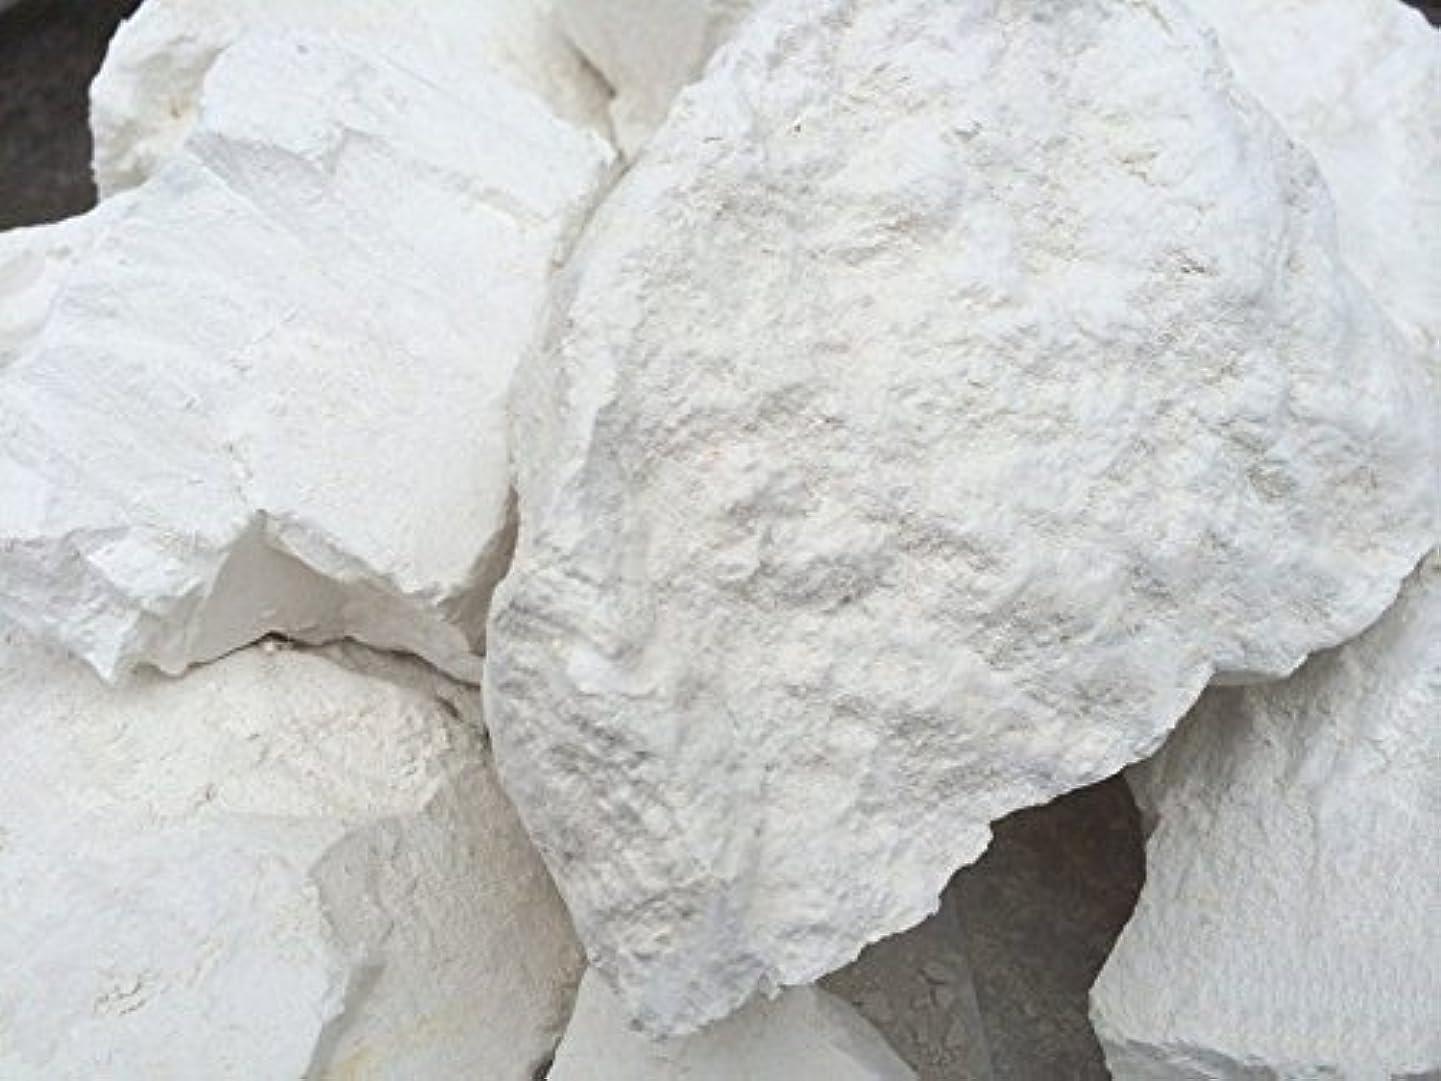 CHERNIGOV Edible Chalk Chunks (lump) Natural for Eating (Food), 1 lb (450 g)